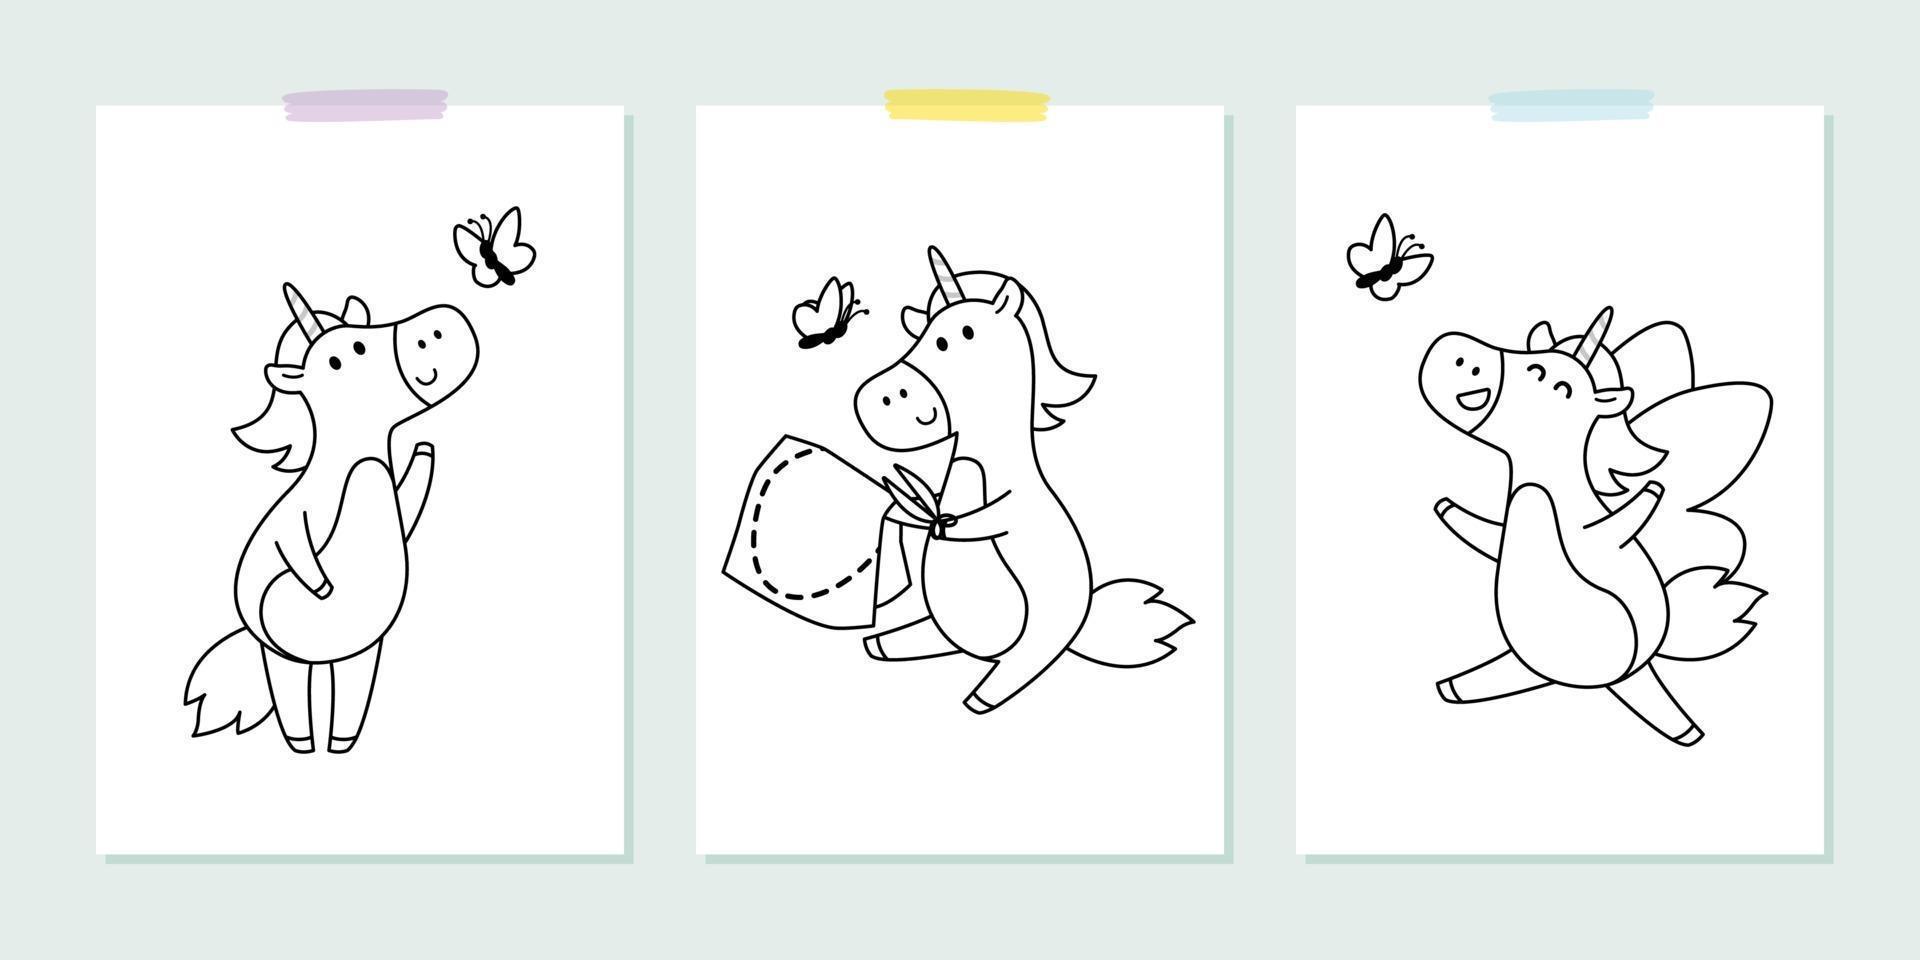 vecteur sertie de licornes mignonnes avec papillon dans le style enfantin. illustration vectorielle pour cahier de coloriage. contour image noir et blanc pour les enfants.